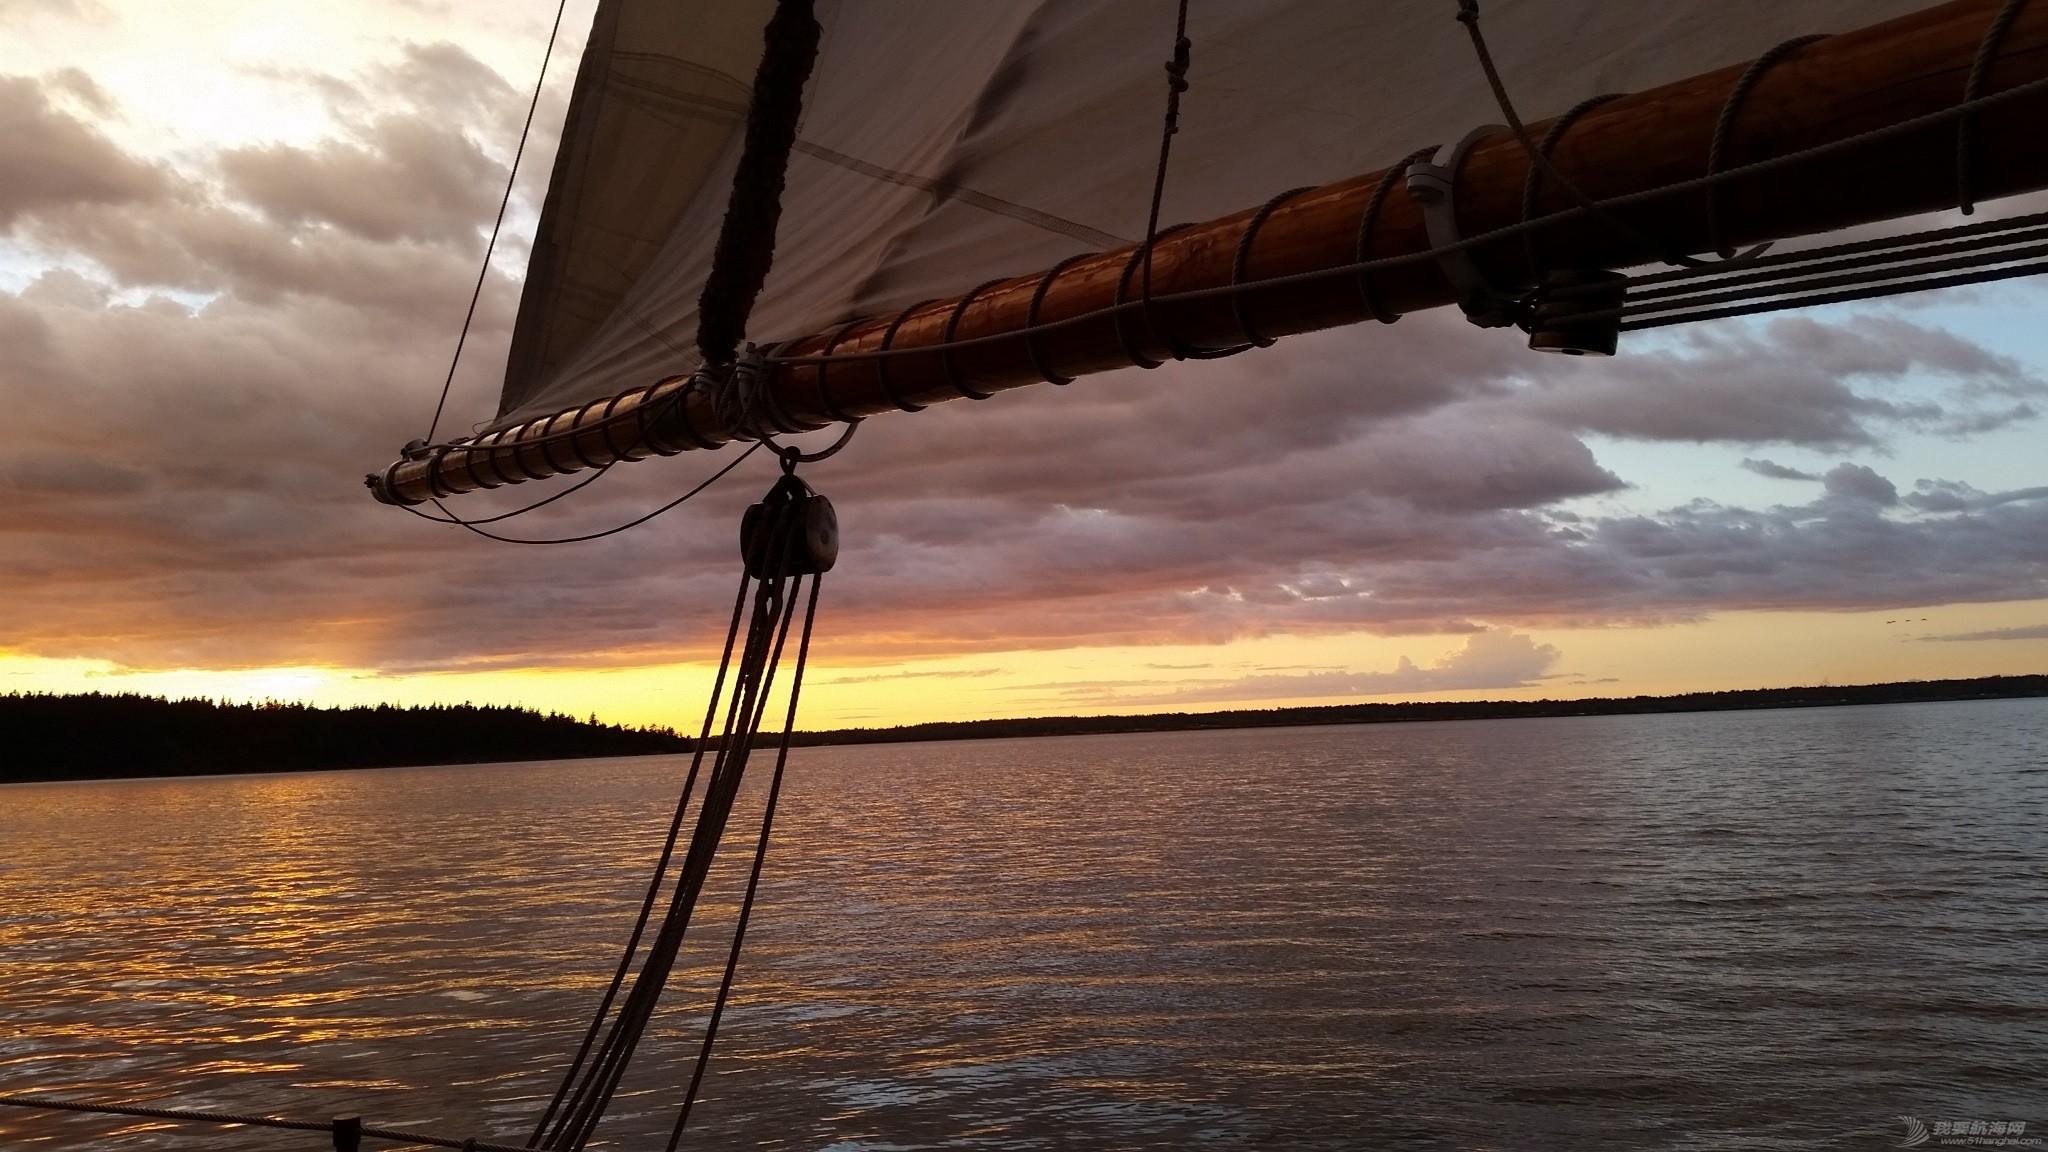 美国,传奇,帆船,世纪,中文翻译 2017美国圣胡安探险《极致玩帆》系列之一-海峡追风+世纪传奇大型古典帆船[西雅图] 065043do81j19nzz29nh9q.jpg